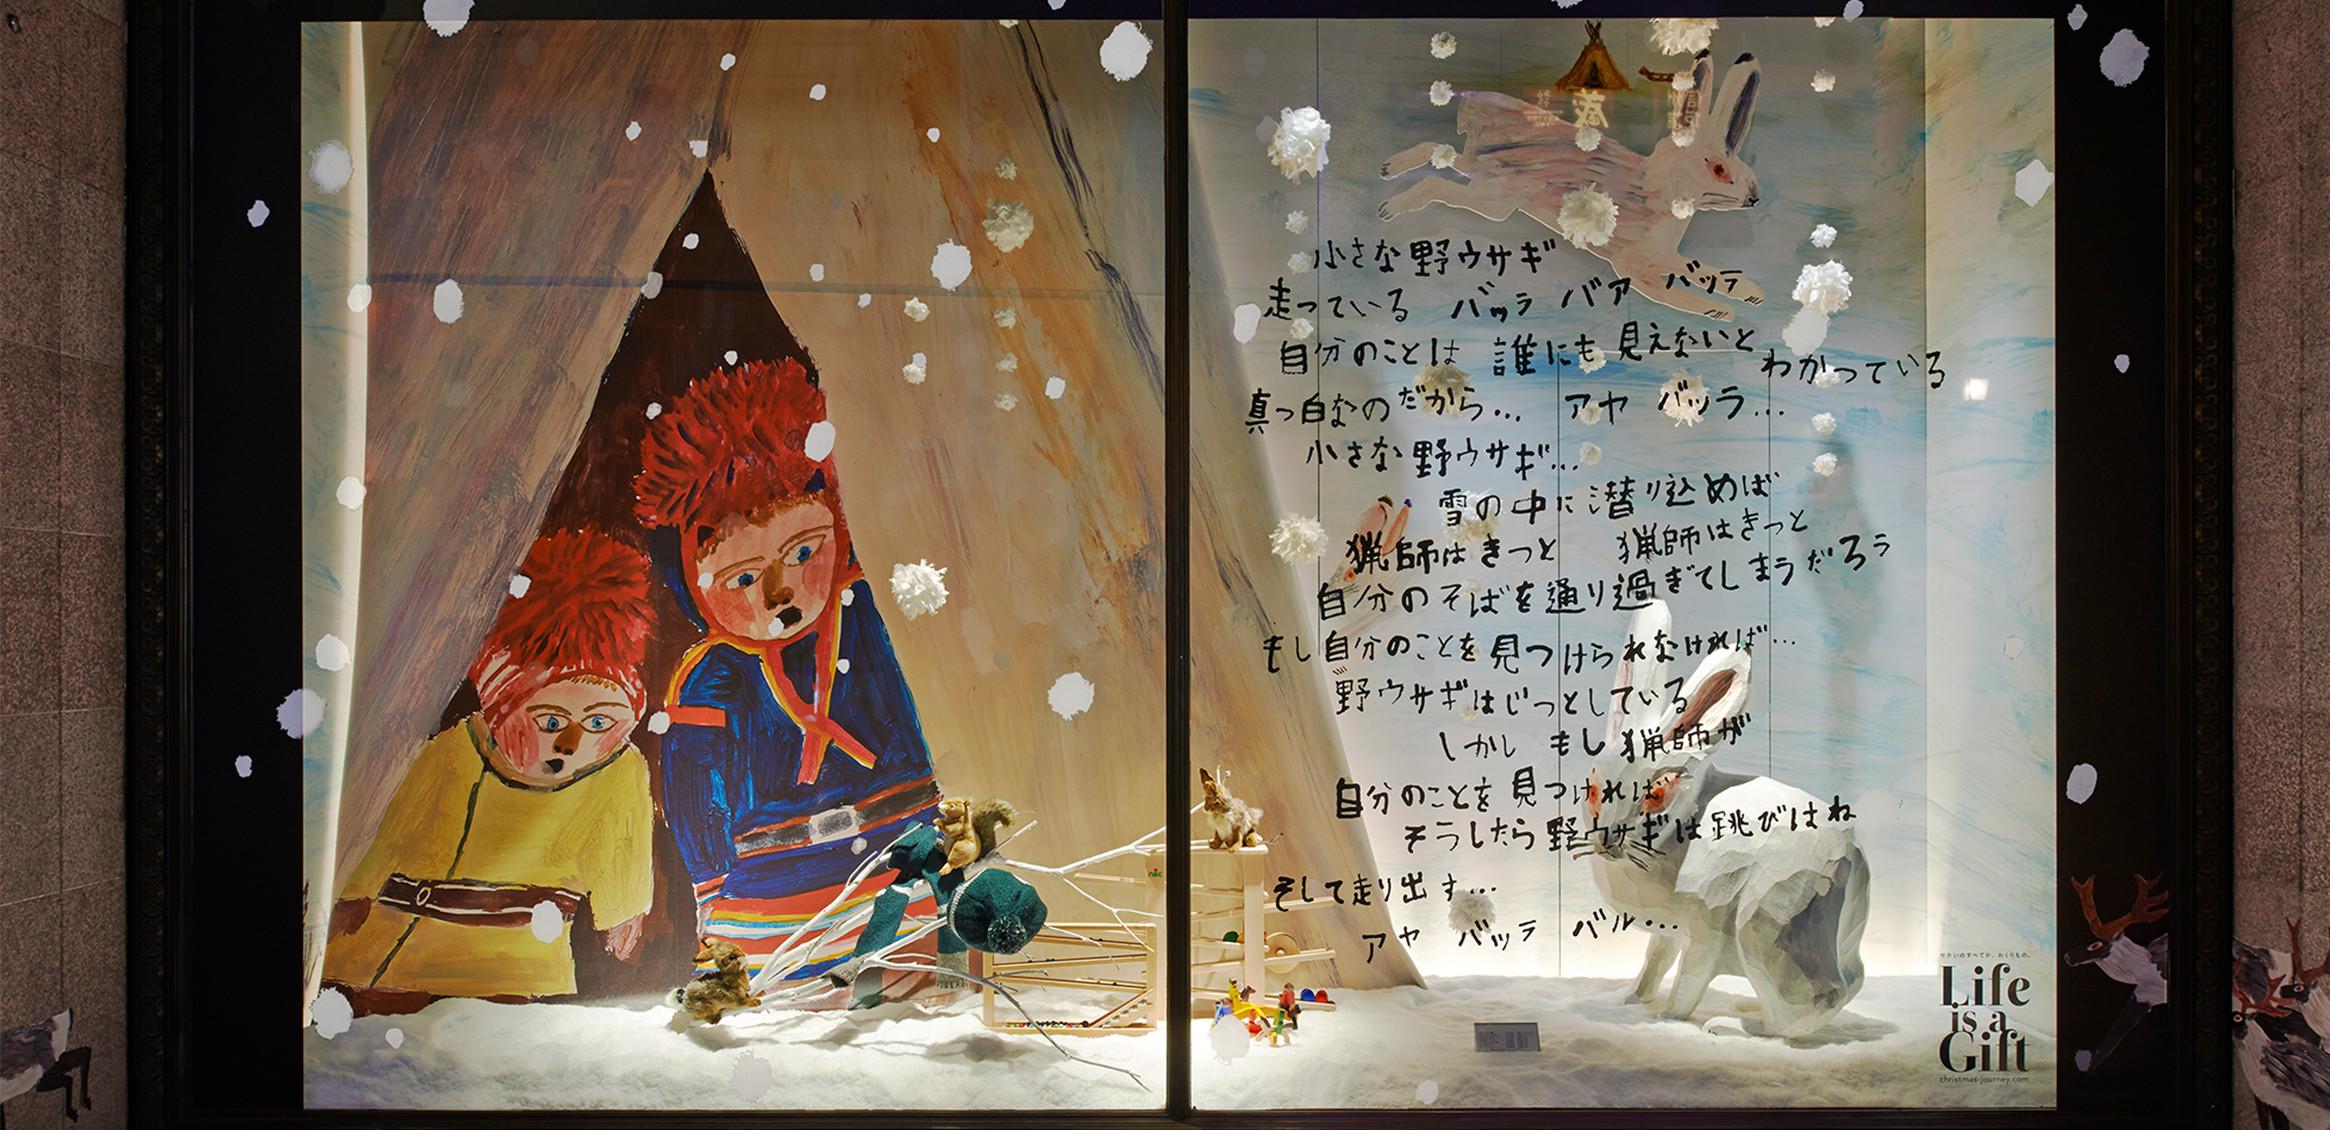 伊勢丹クリスマスキャンペーン2014 ディスプレイ5枚目